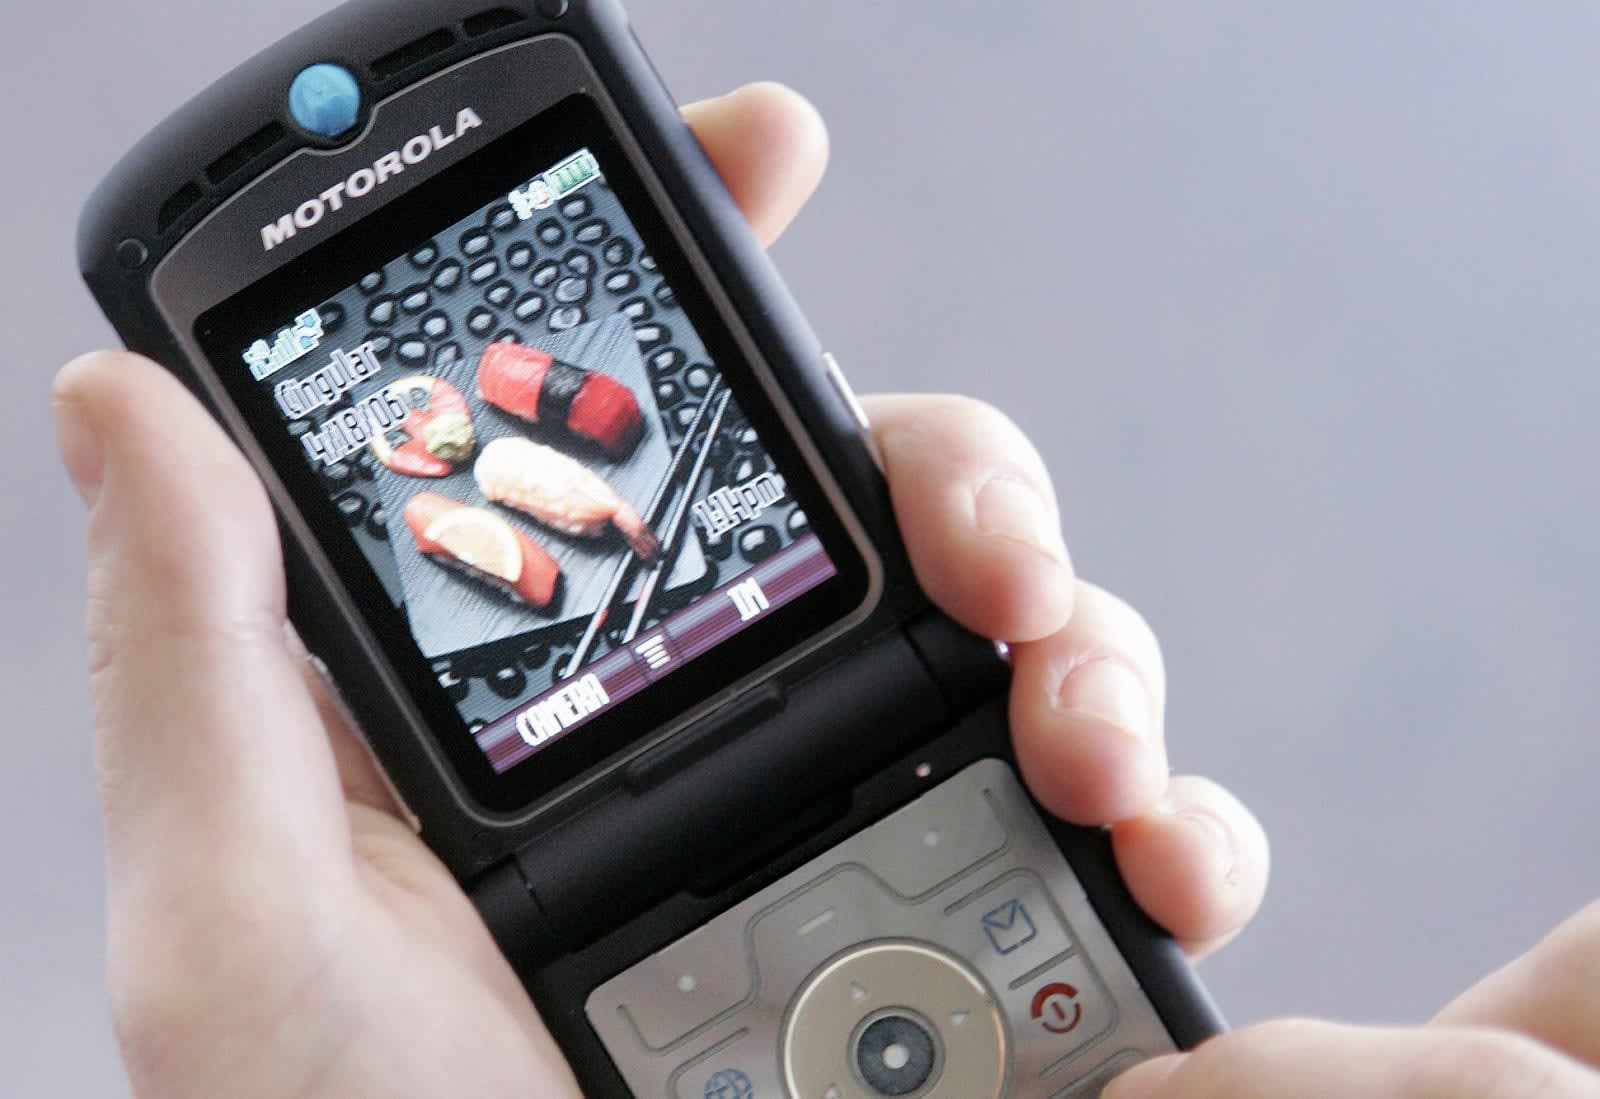 Motorola invite hints at a 'reinvented' RAZR